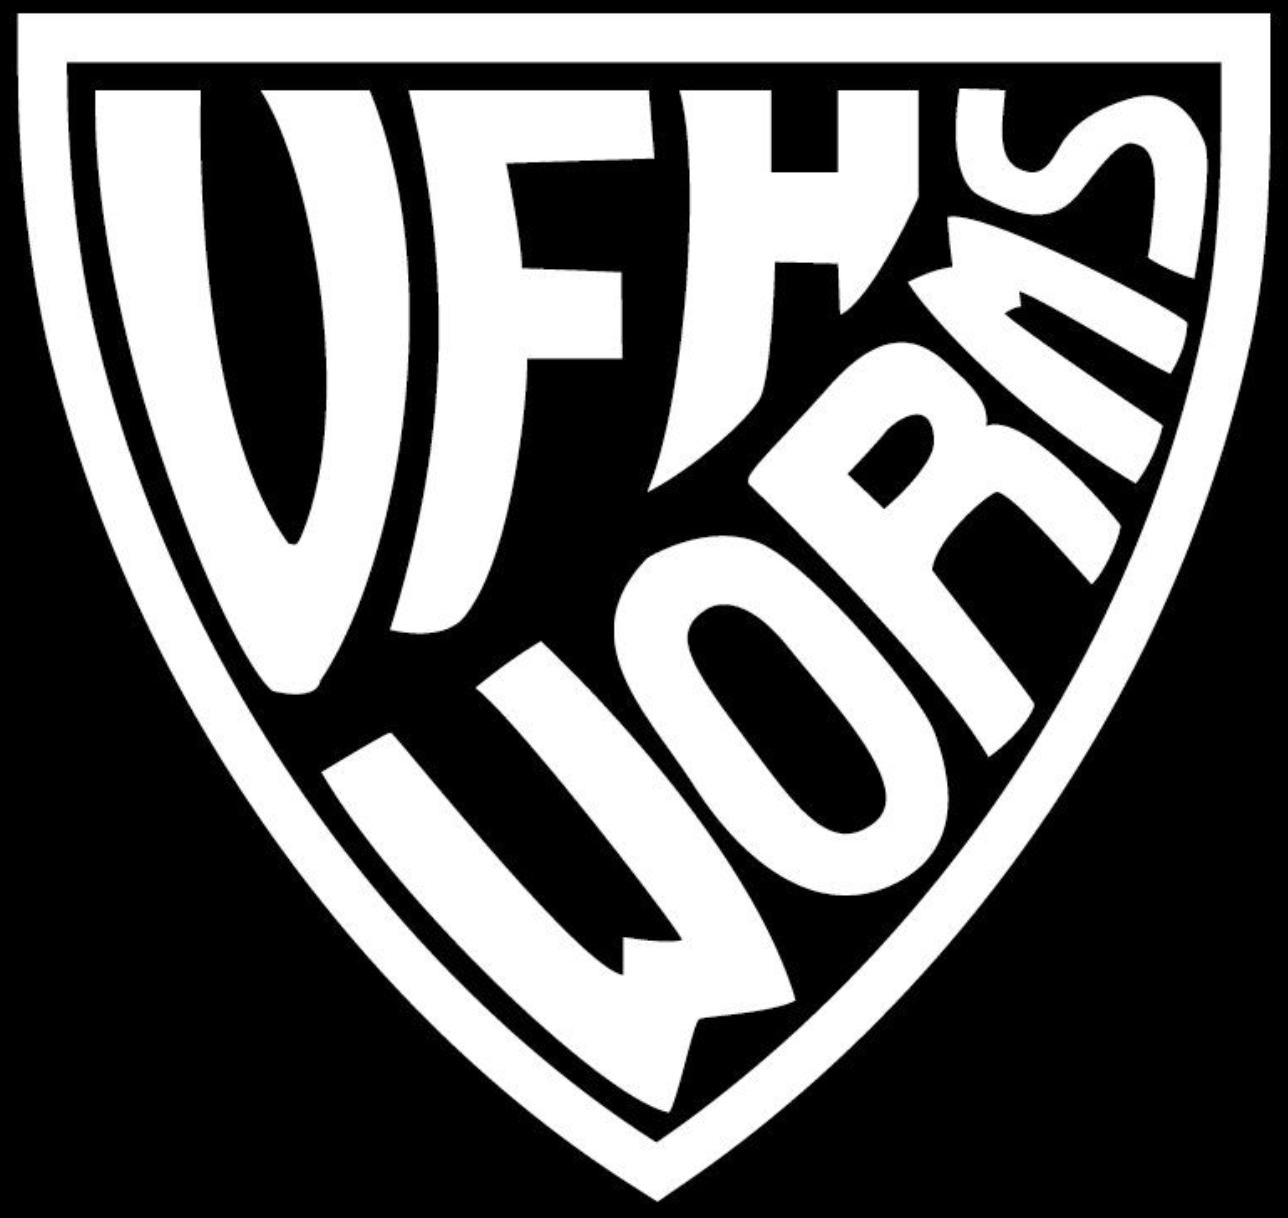 VfH Worms e.V.